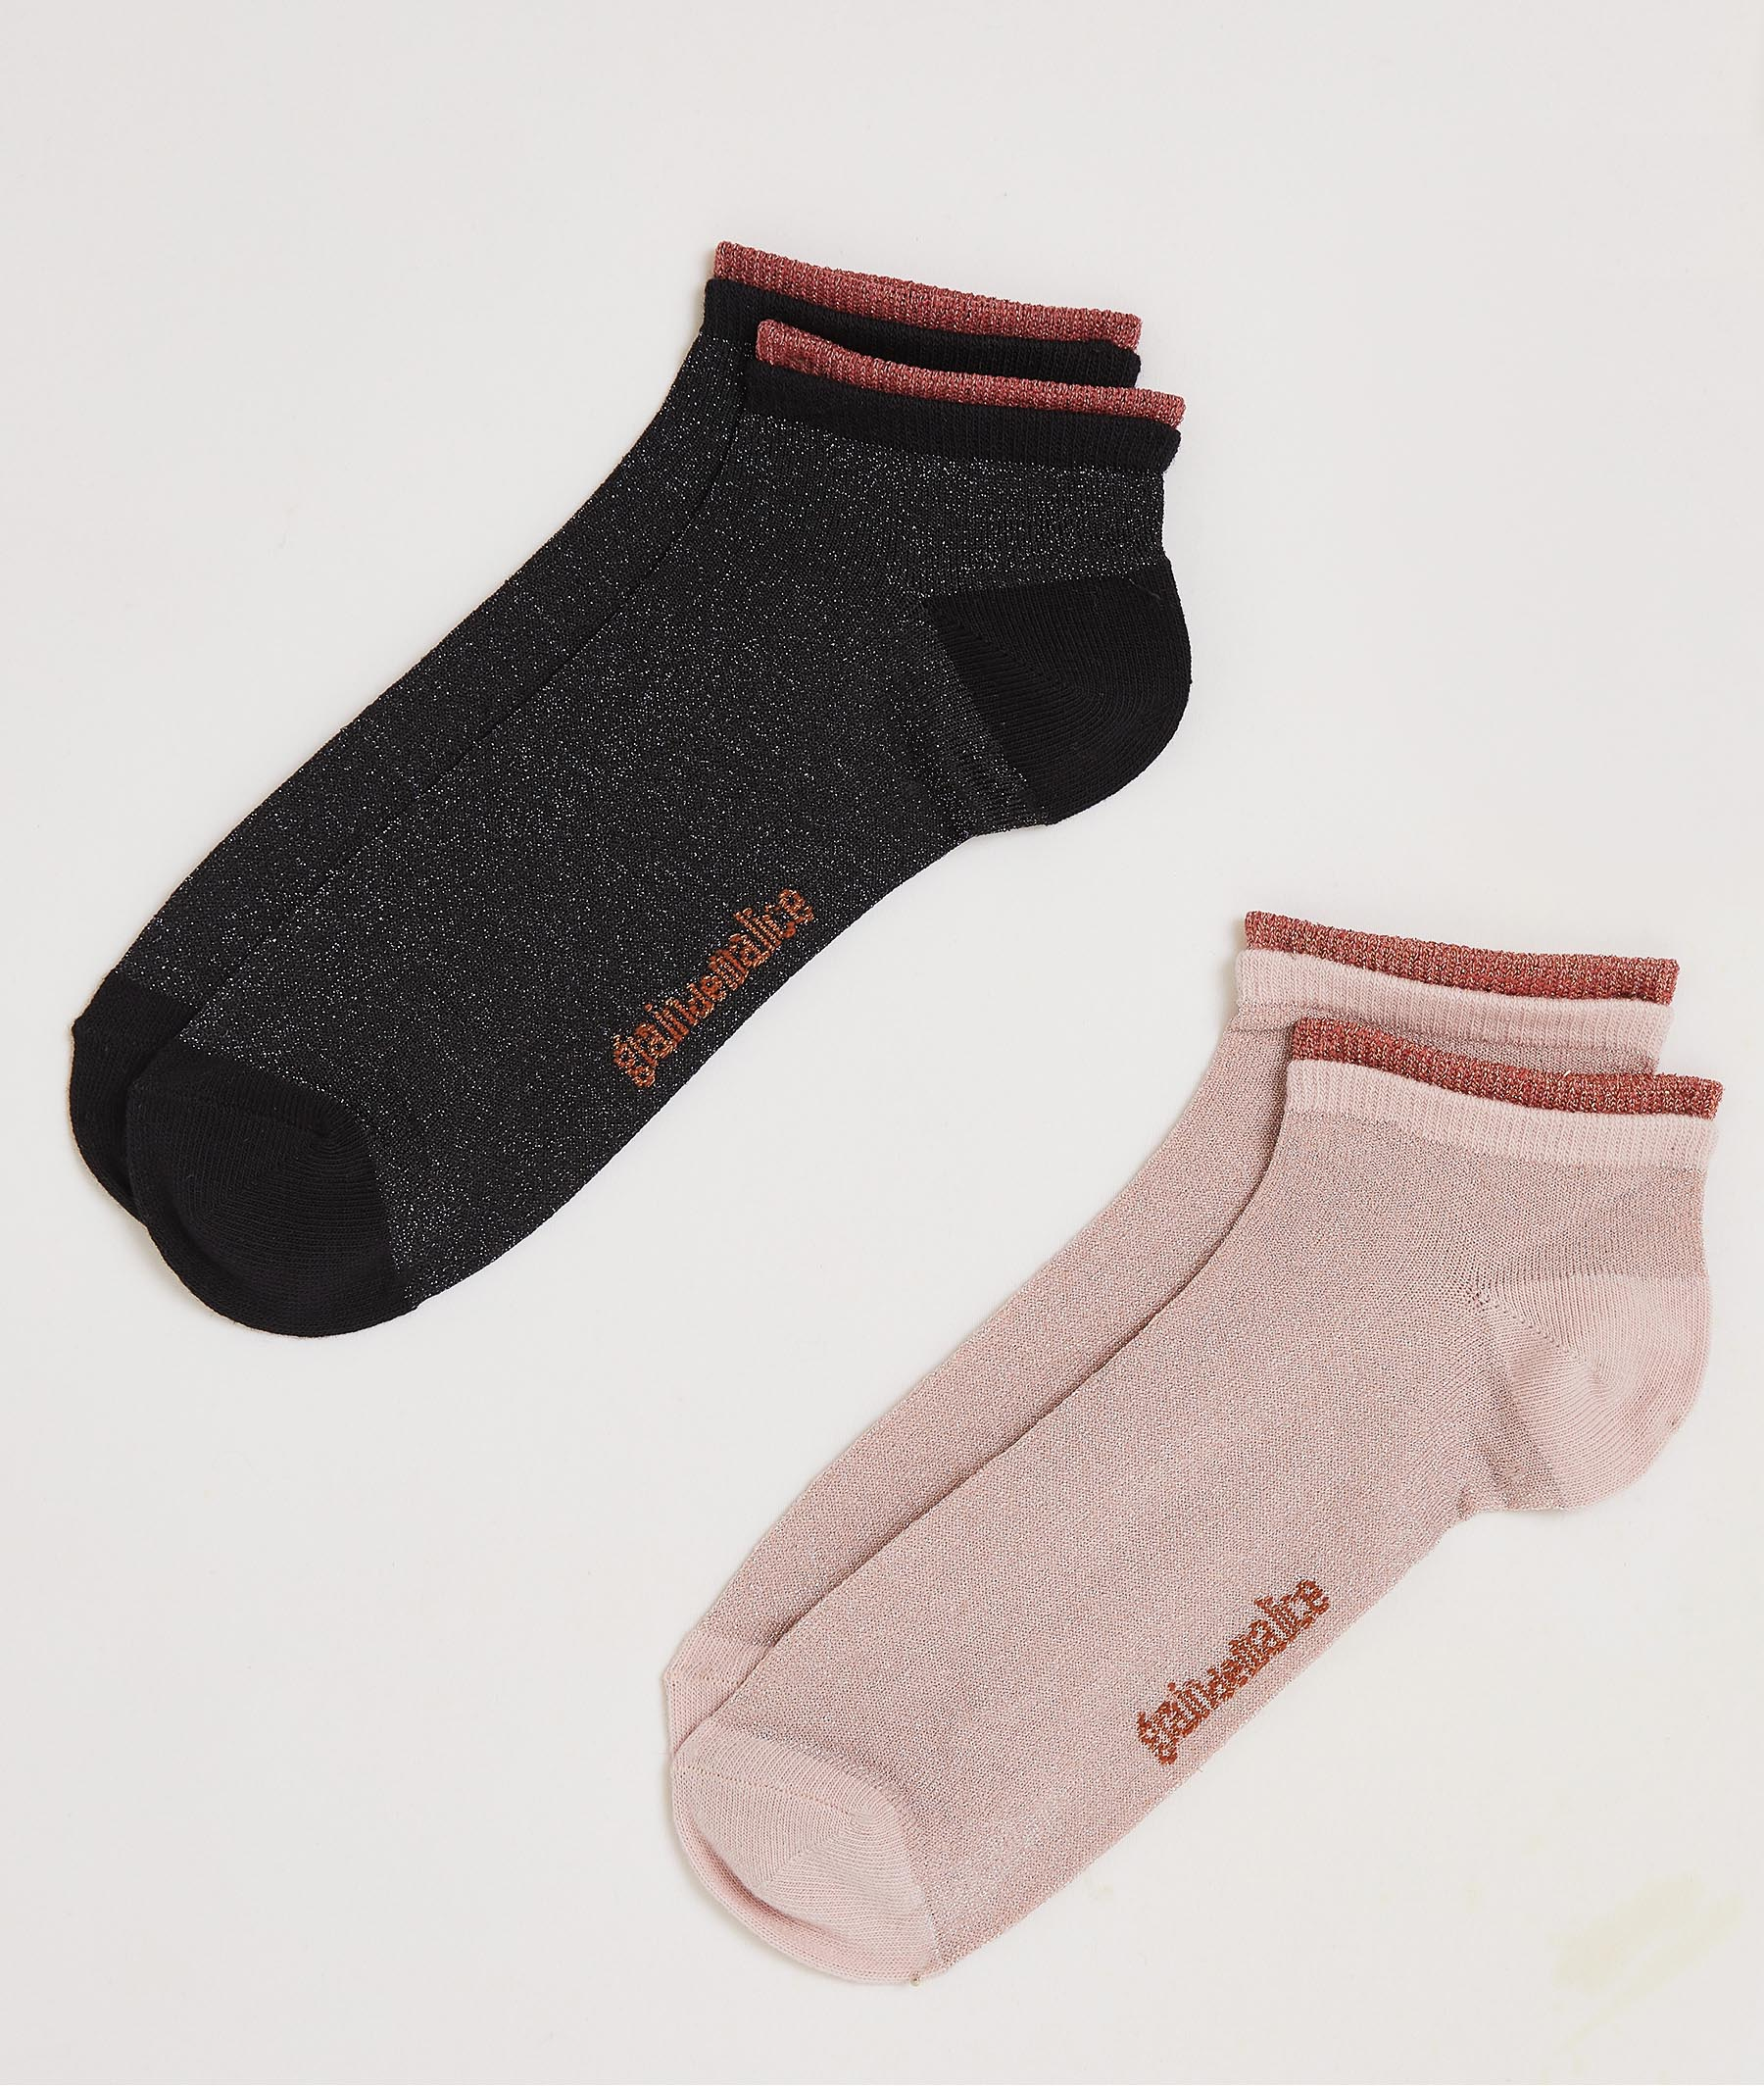 Lot de deux paires de socquettes femme ROSE